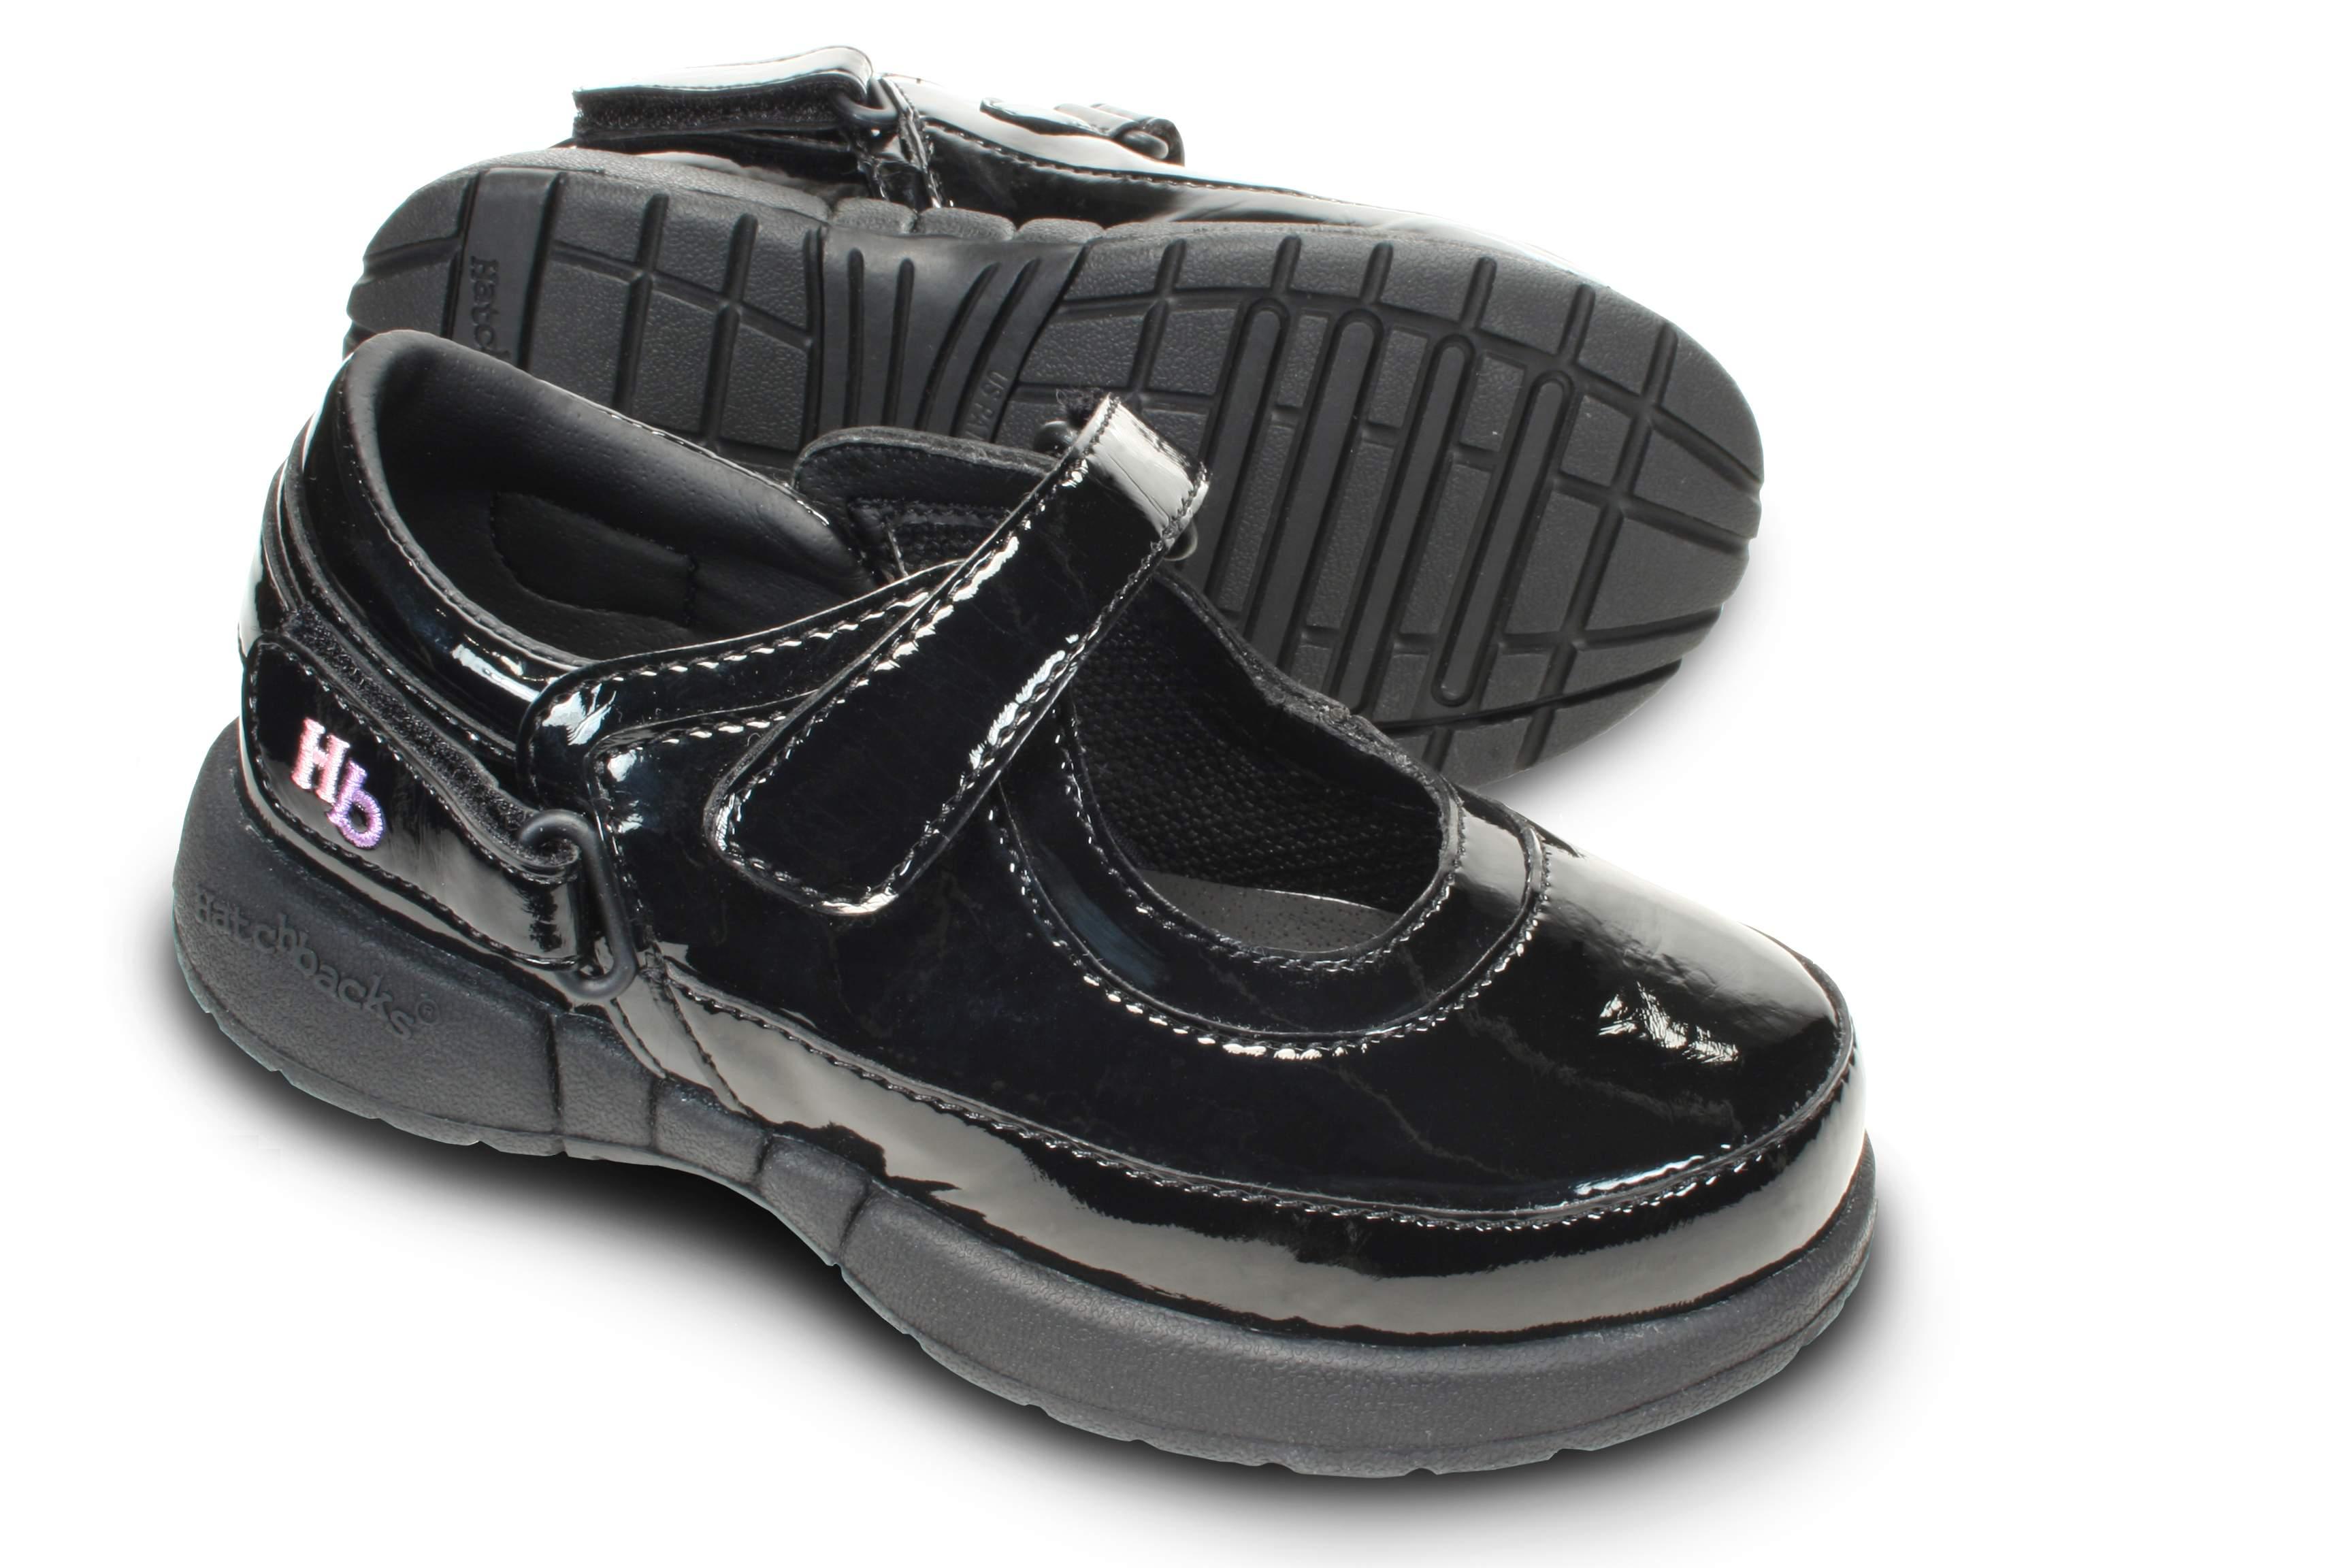 Hatchbacks Shoes Uk